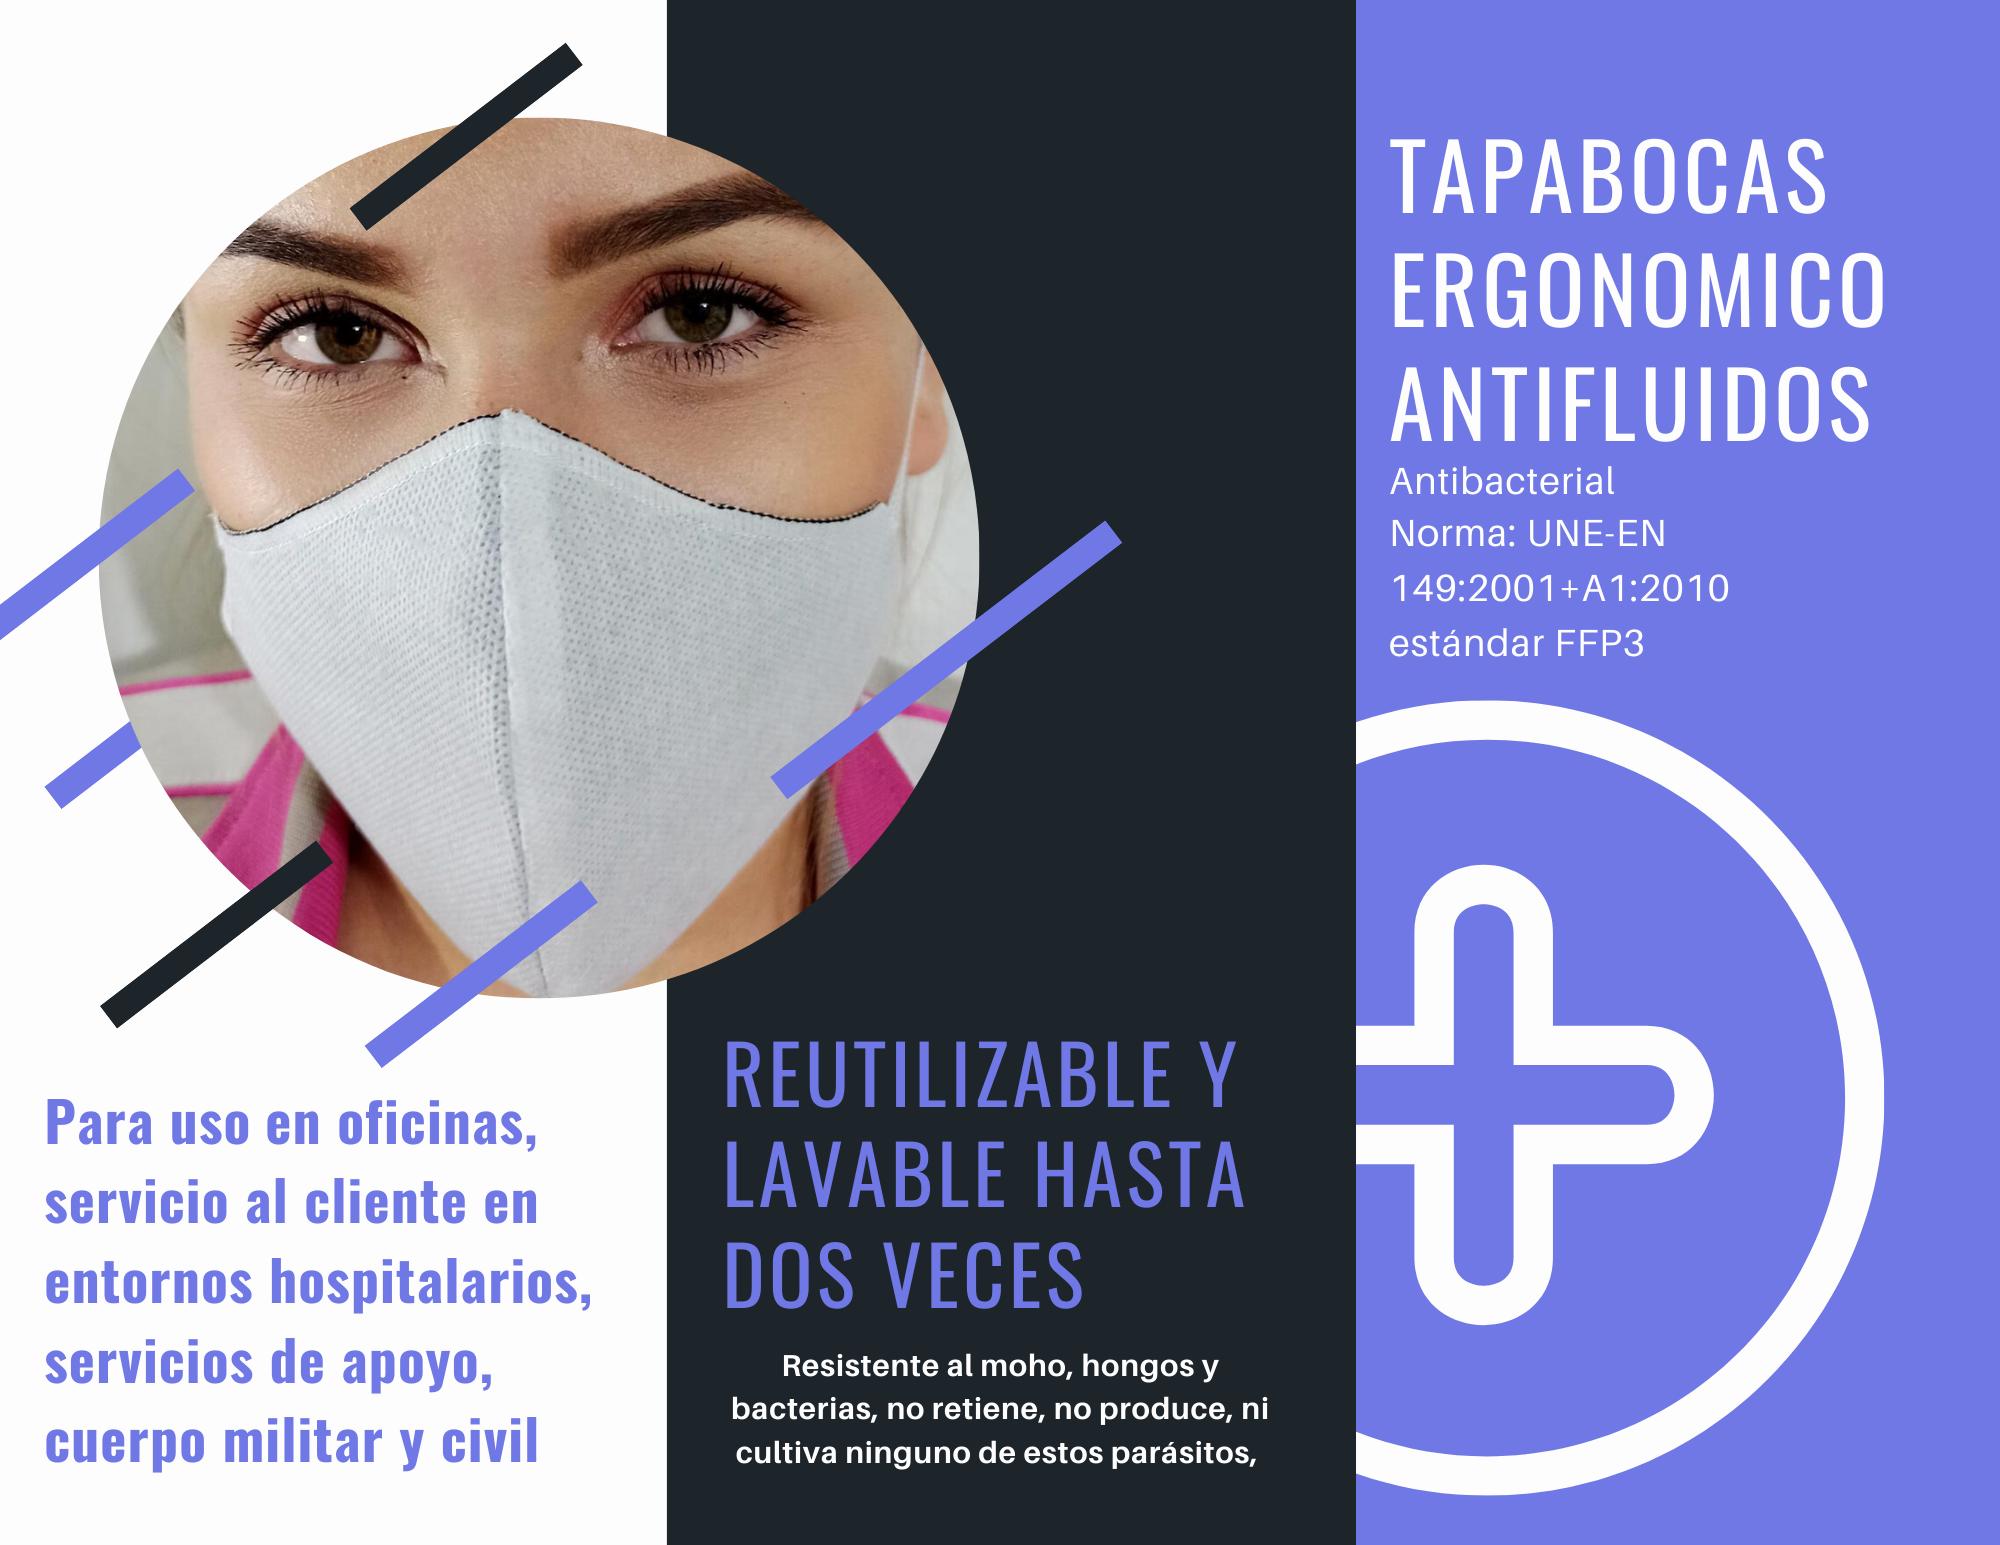 TAPABOCAS ERGONOMICO +b